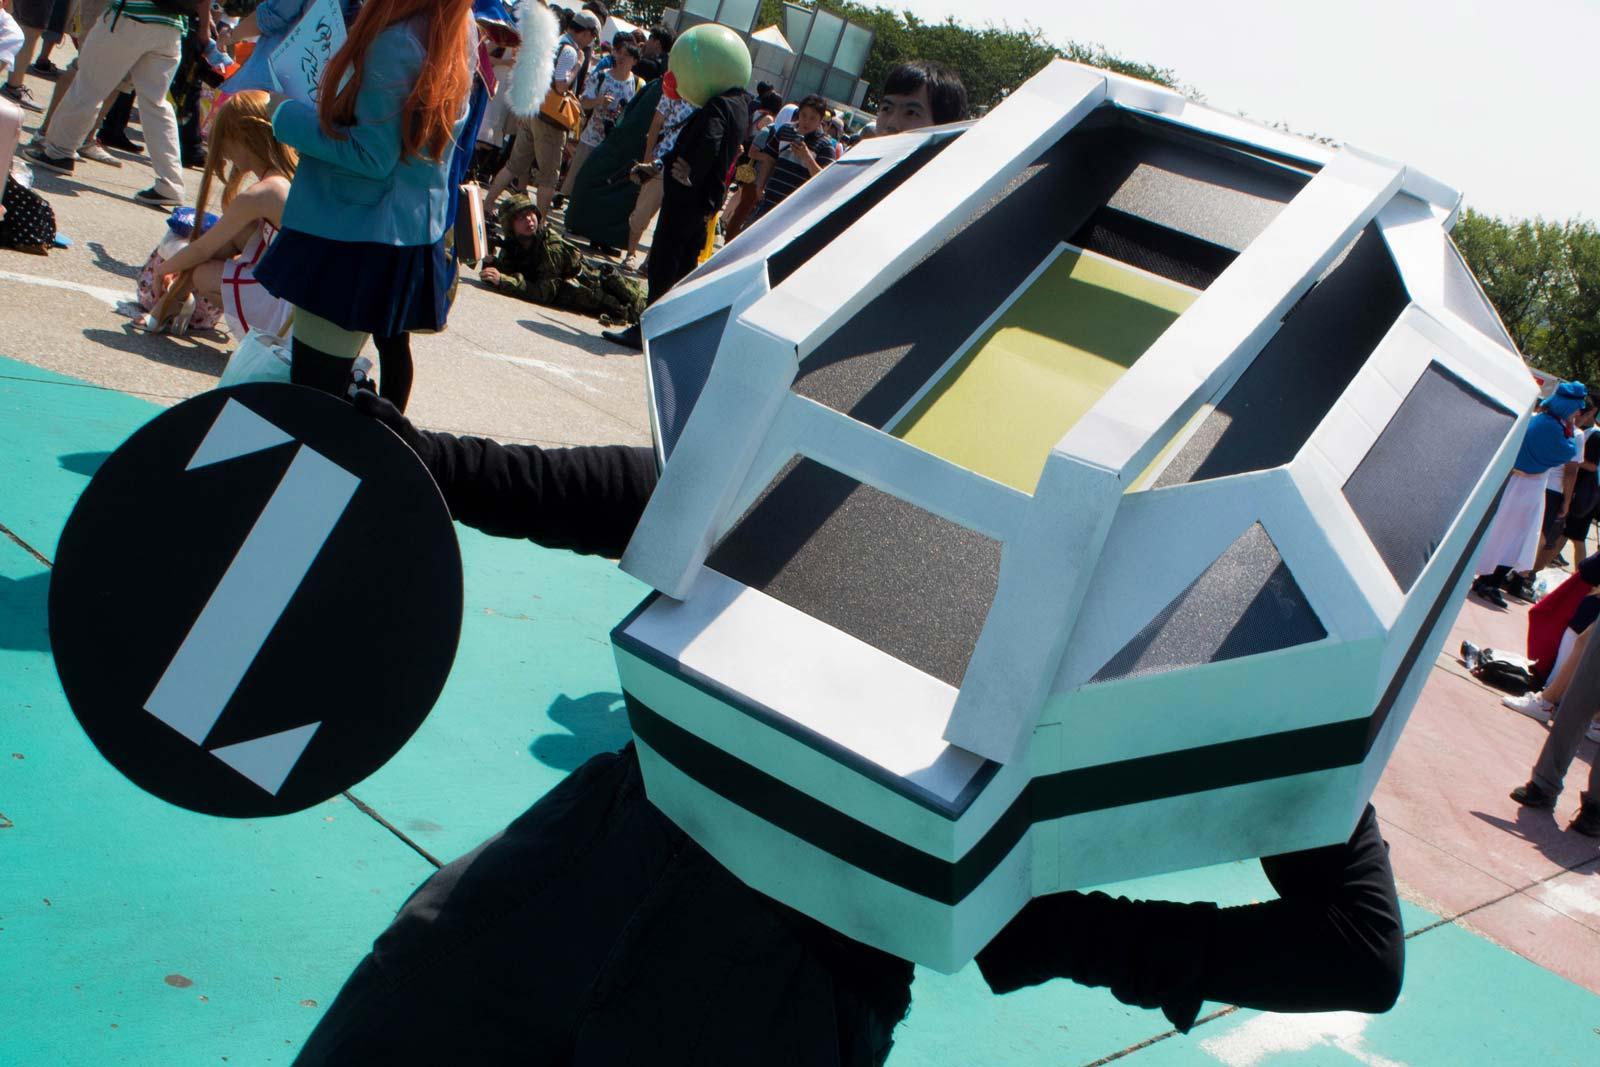 Un cosplayer s'est déguisé en modèle du stade olympique proposé pour les Jeux de 2020.